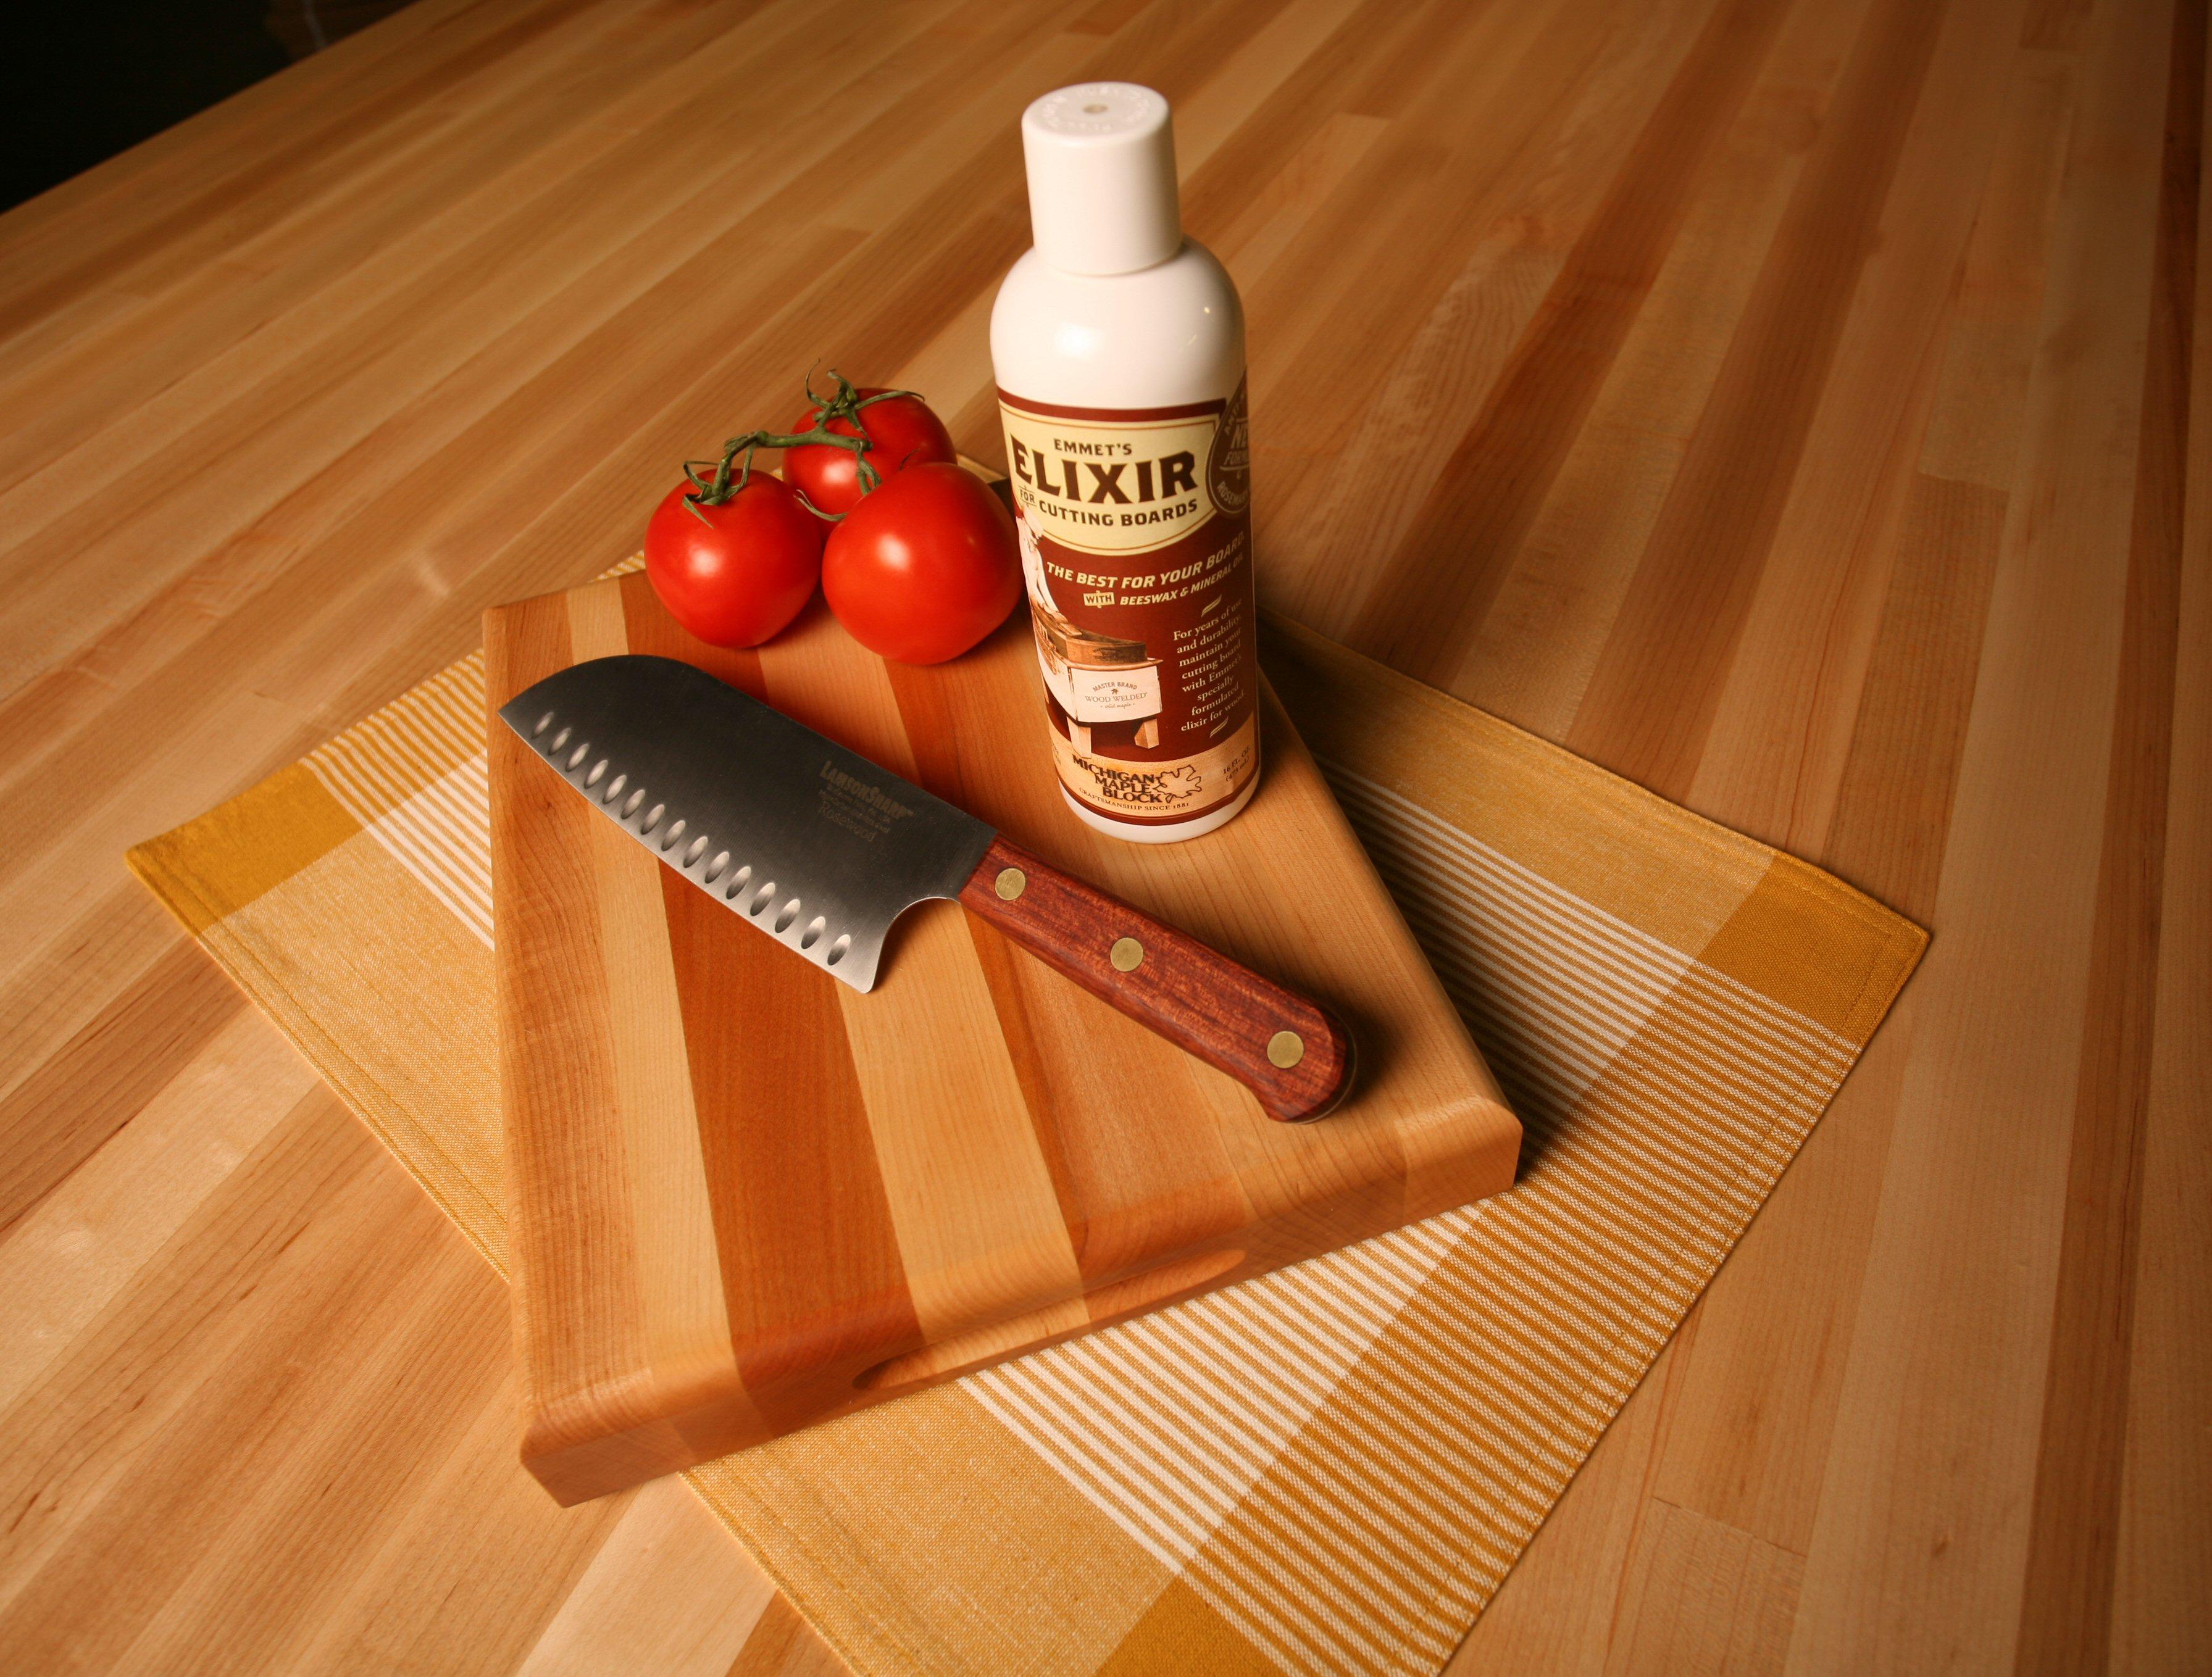 Maple Cutting Board/ Knife/ Elixir Set - Thumbnail 1